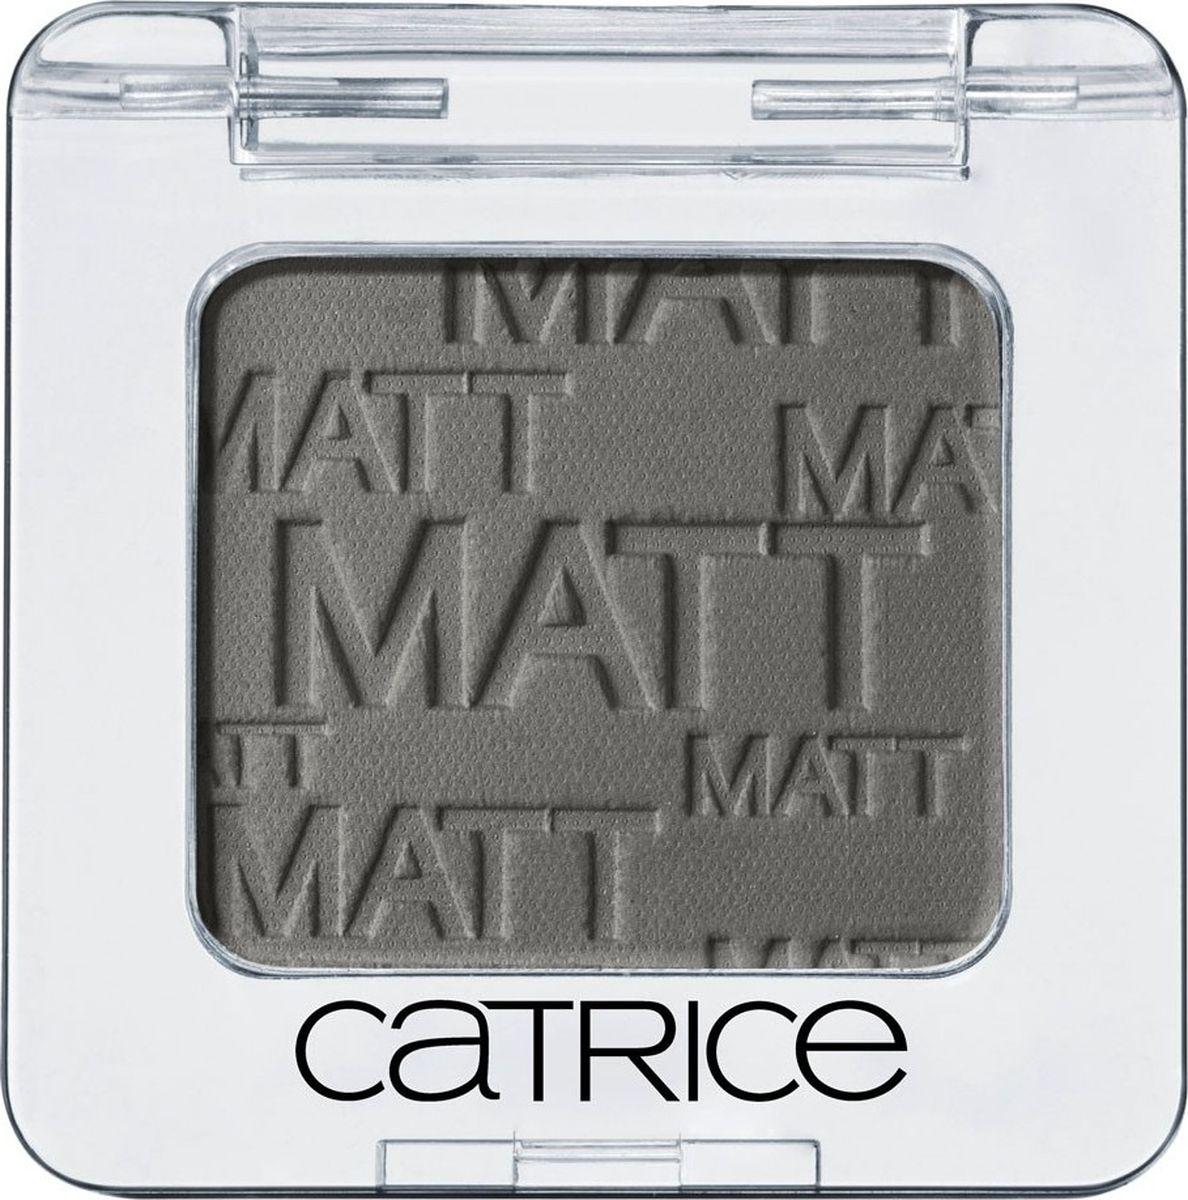 Catrice Тени для век одинарные Absolute Eye Colour 920 Game Of Stones темно-синий матовый 2 гр54359Высокопигментированные пудровые тени, широкая цветовая гамма, стойкость, легкость в нанесении и разнообразие эффектов.